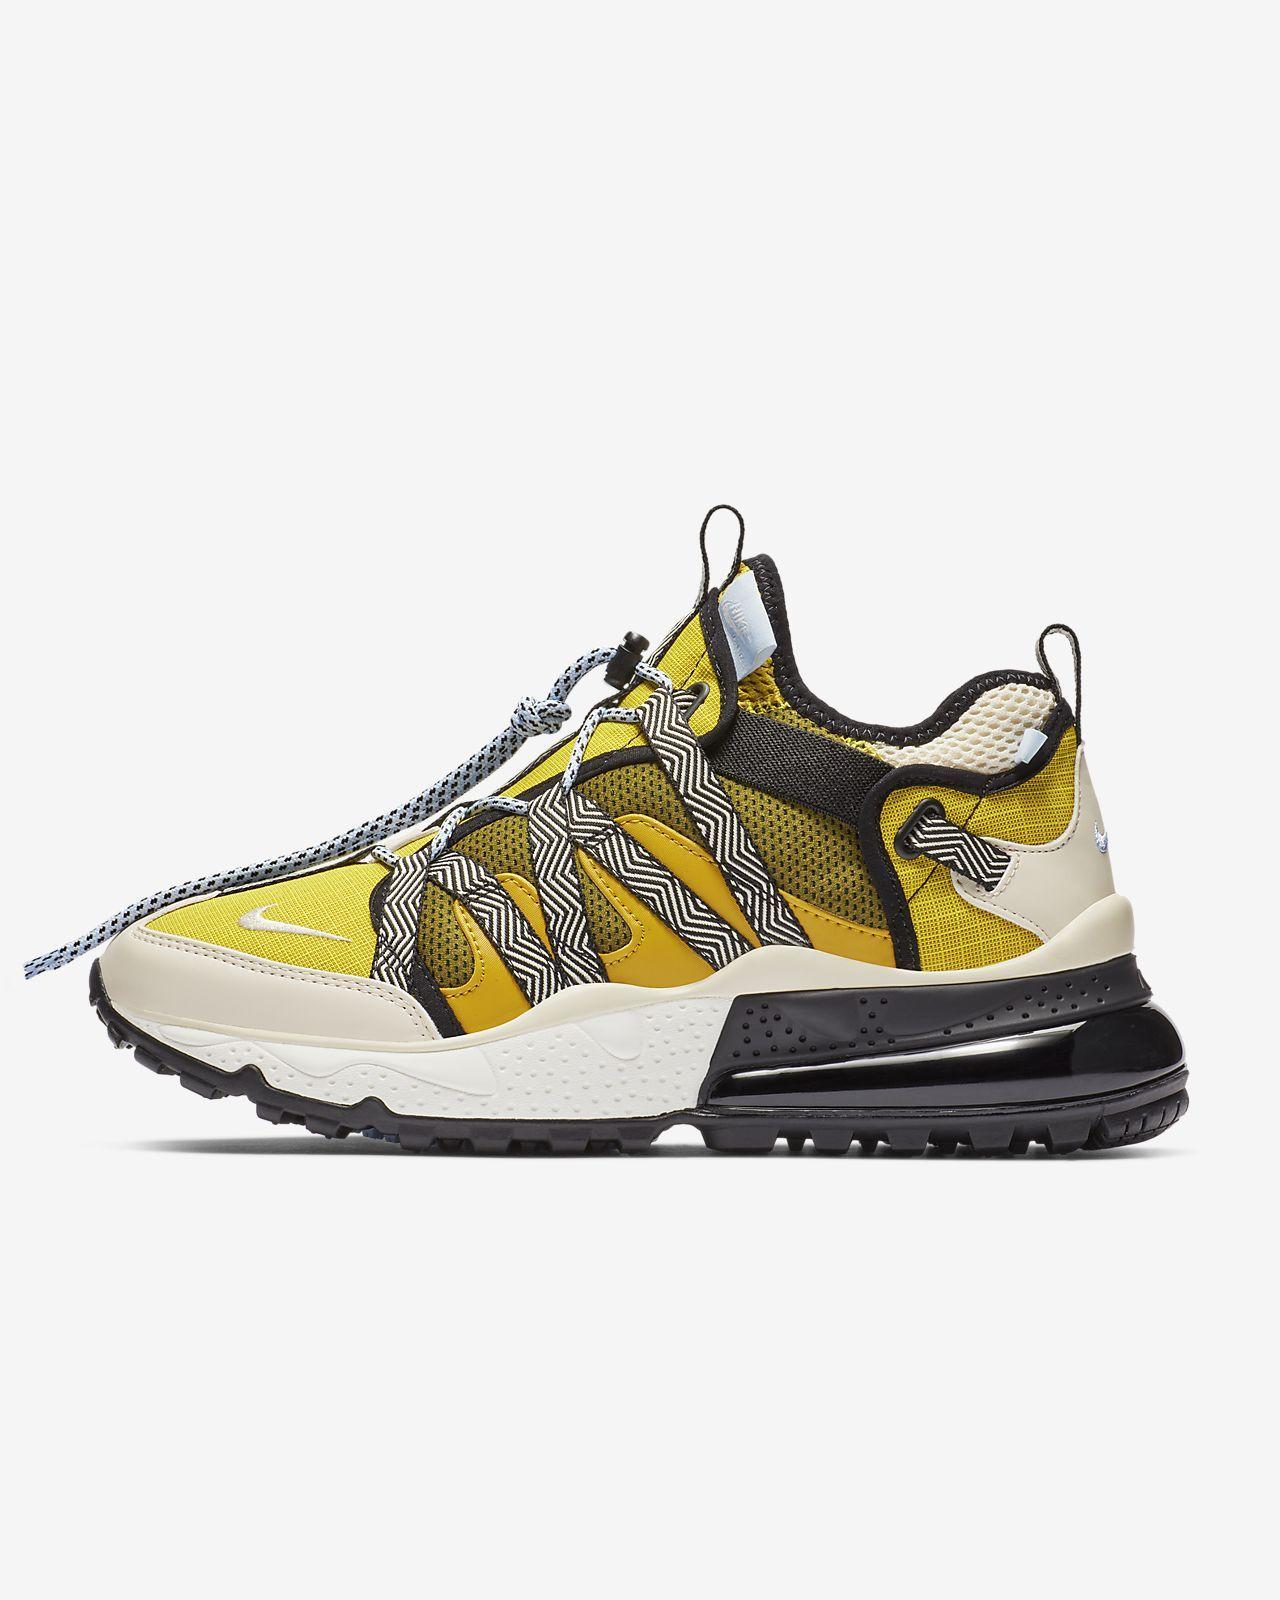 Nike Air Max 270 Bowfin Men's Shoe | Nike air max, Hiking